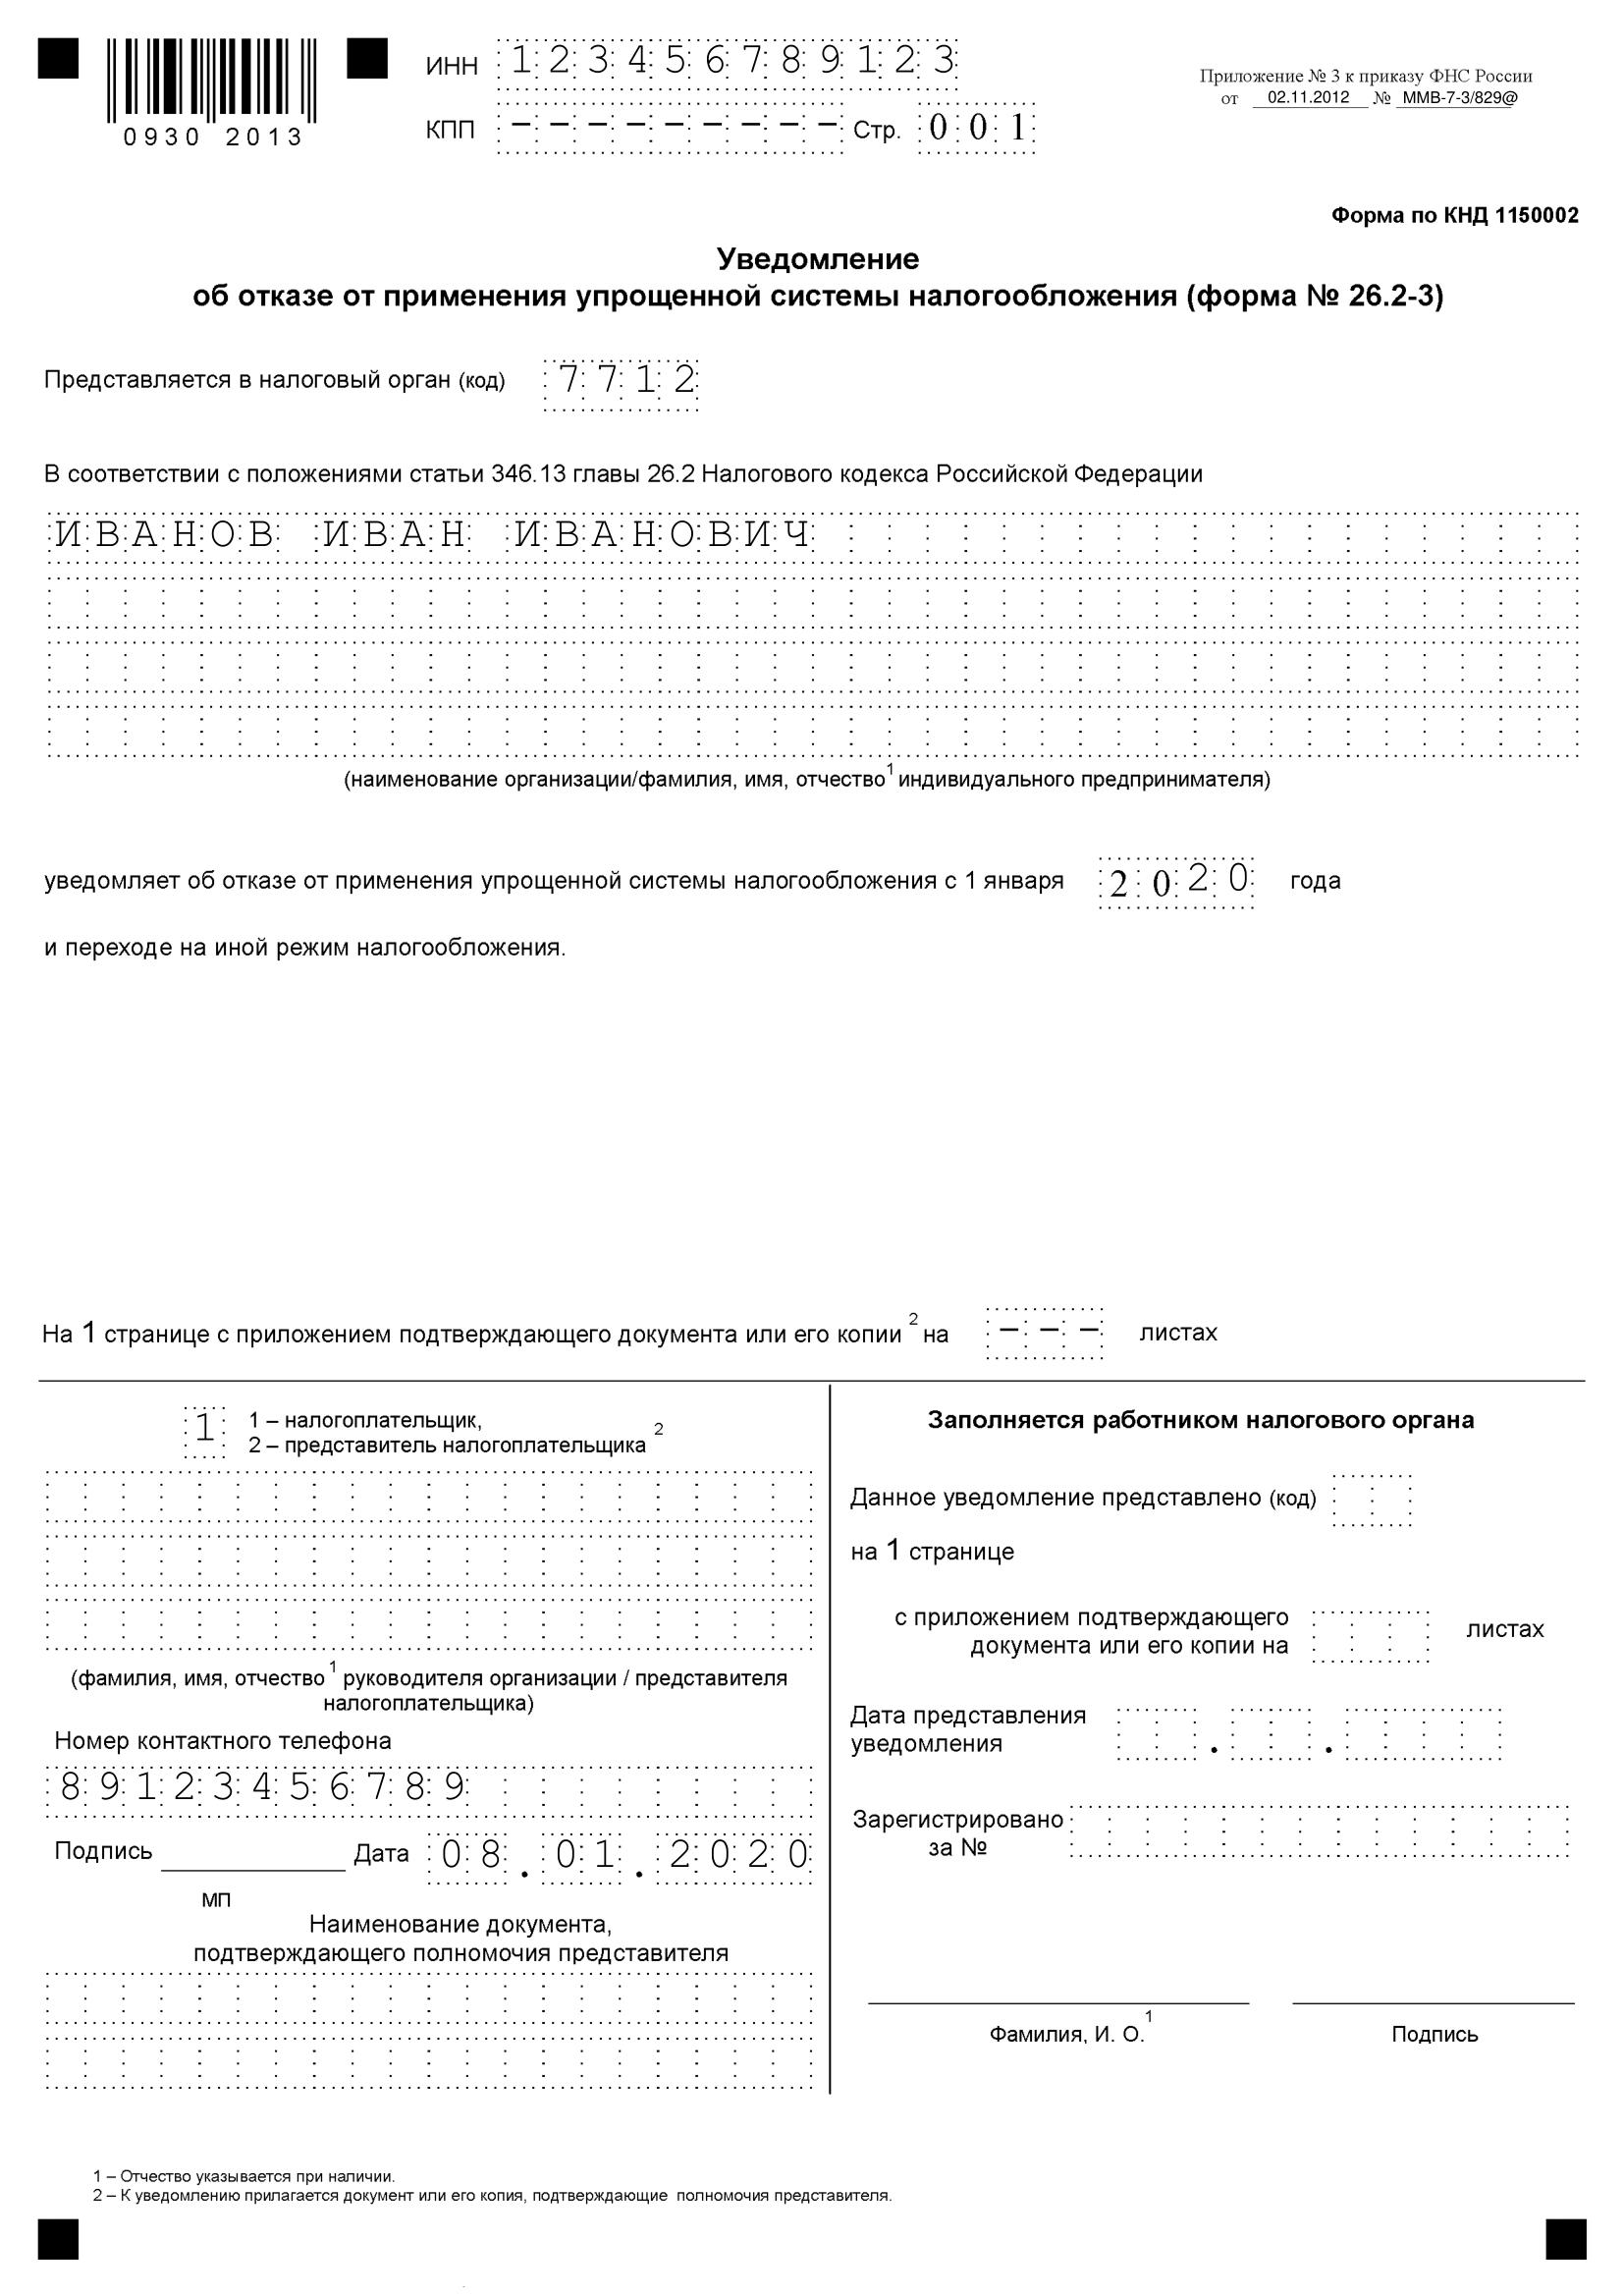 Образец заполненного уведомления дляИП придобровольном переходе на ОСНО